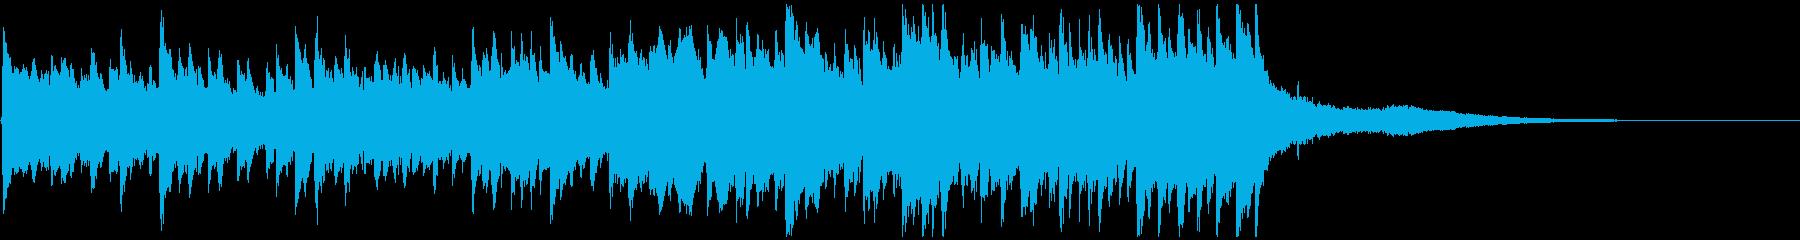 感動ピアノジングル 壮大なエンディングにの再生済みの波形